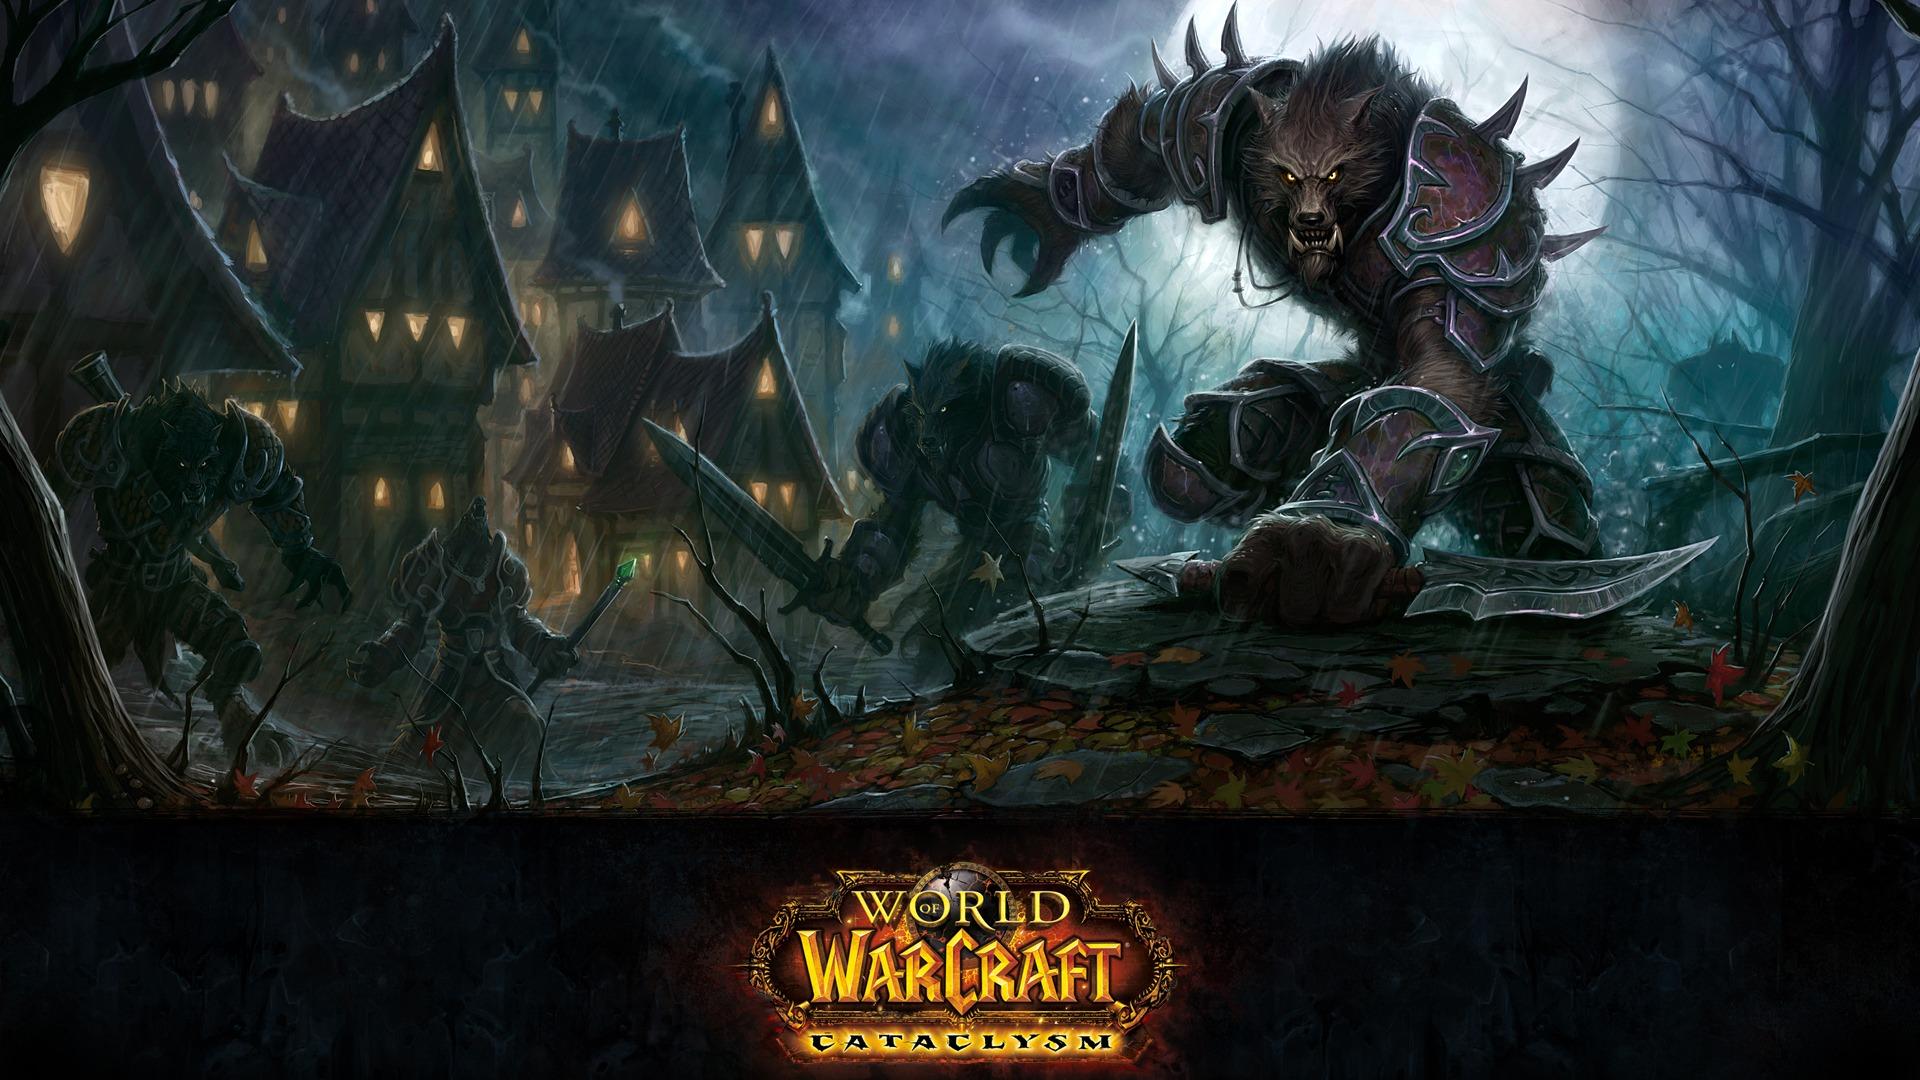 world-of-warcraft-RPG-game